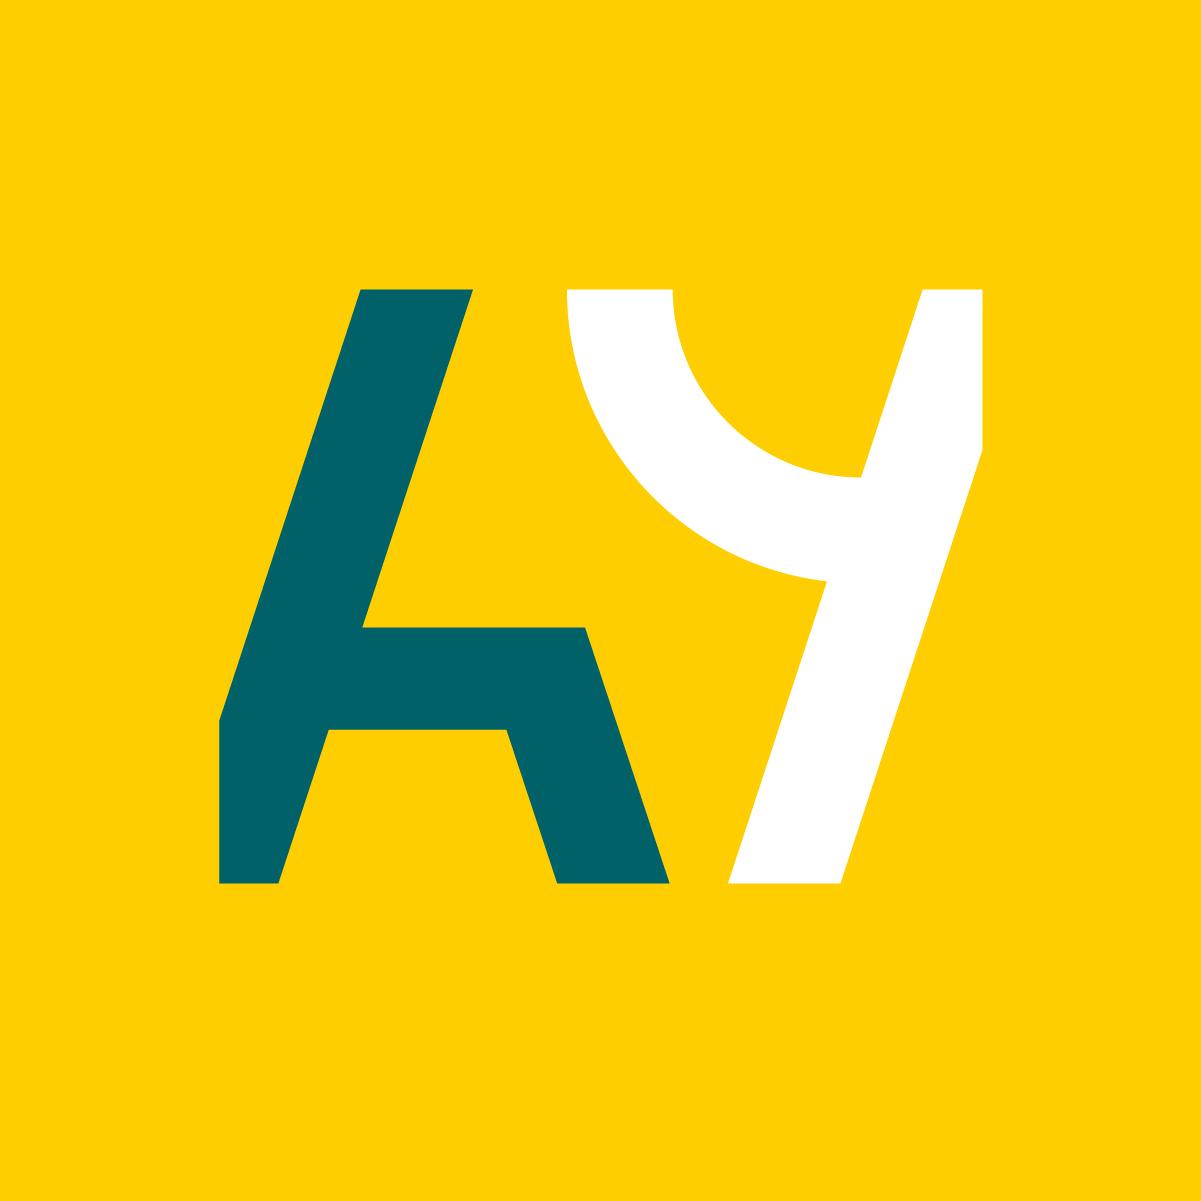 Alue ja ympäristö -logo